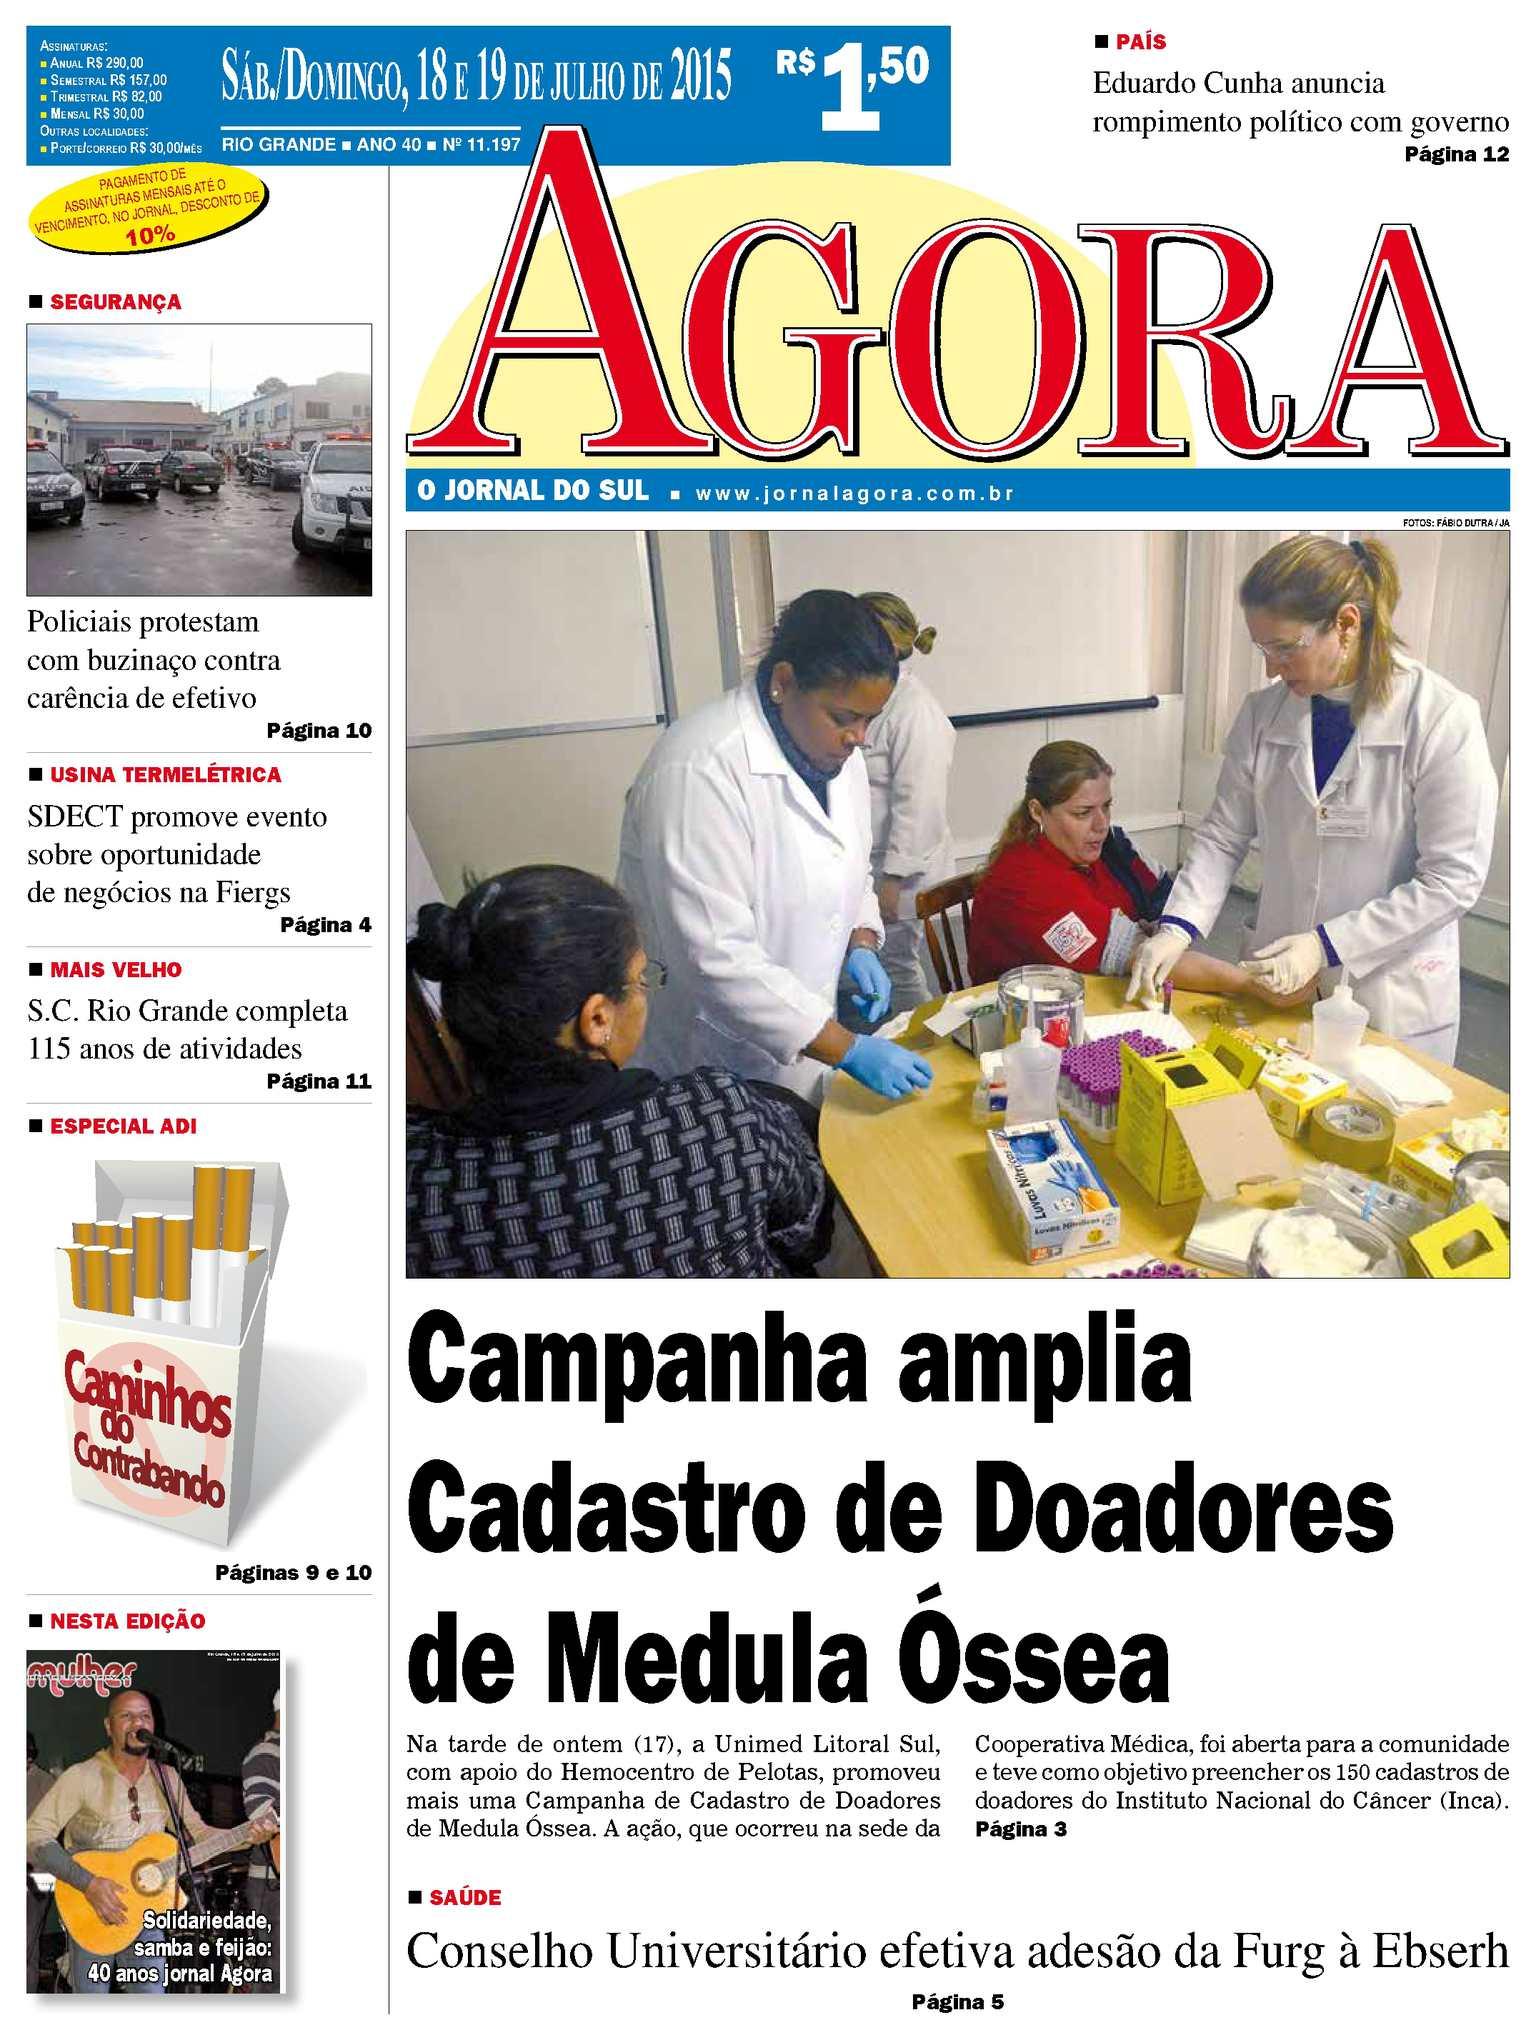 8f7beae7e47 Calaméo - Jornal Agora - Edição 11197 - 18 e 19 de Julho de 2015